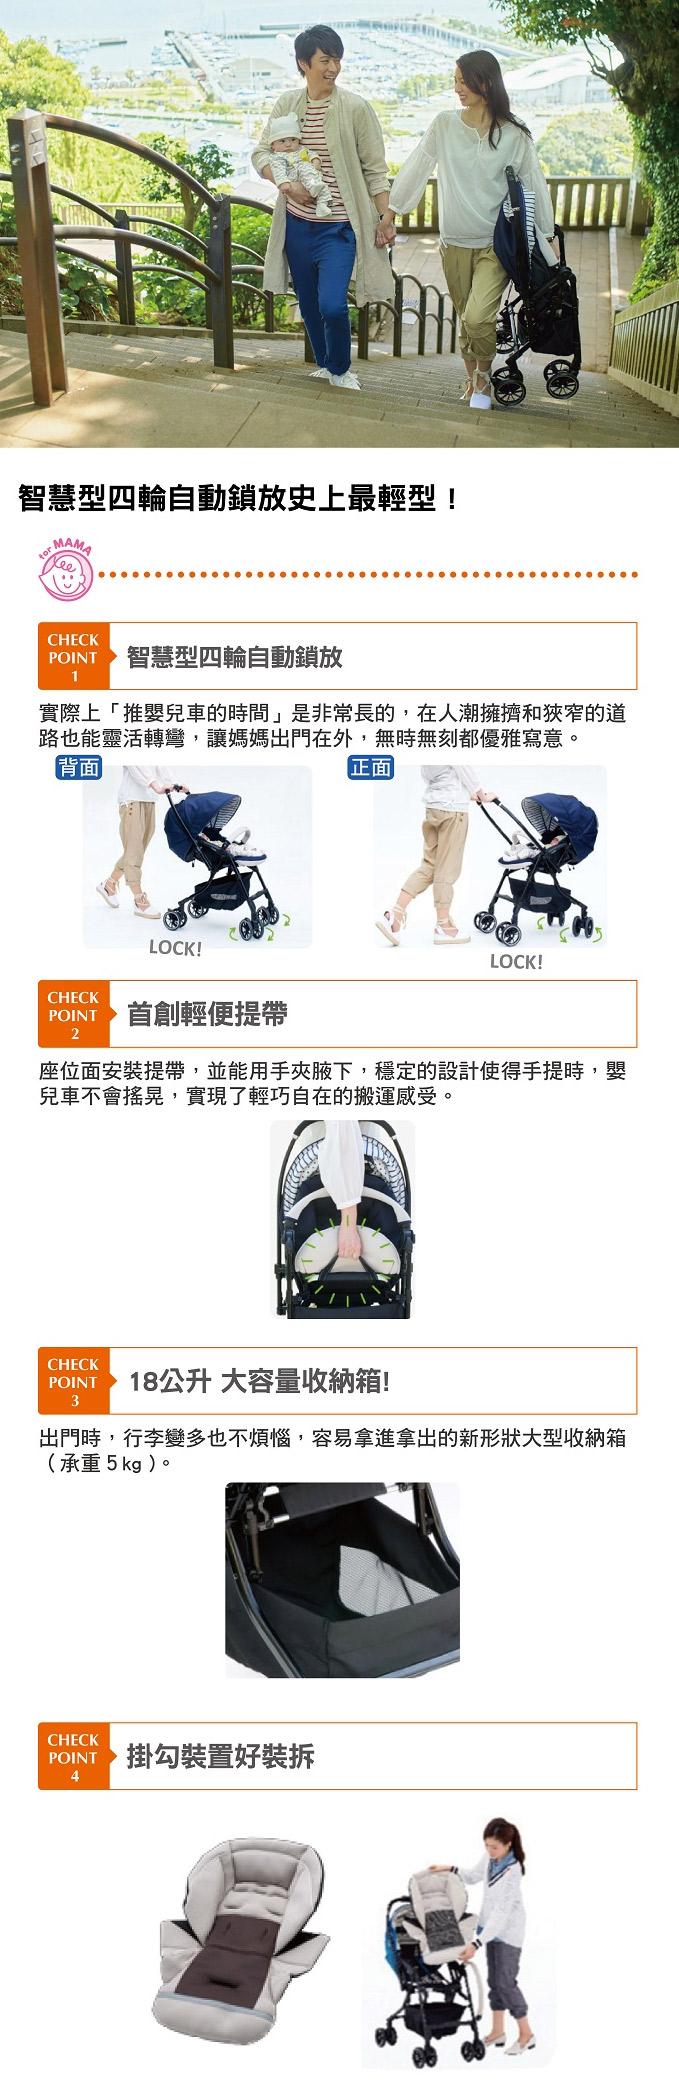 combi-handy4-auto-4-info01